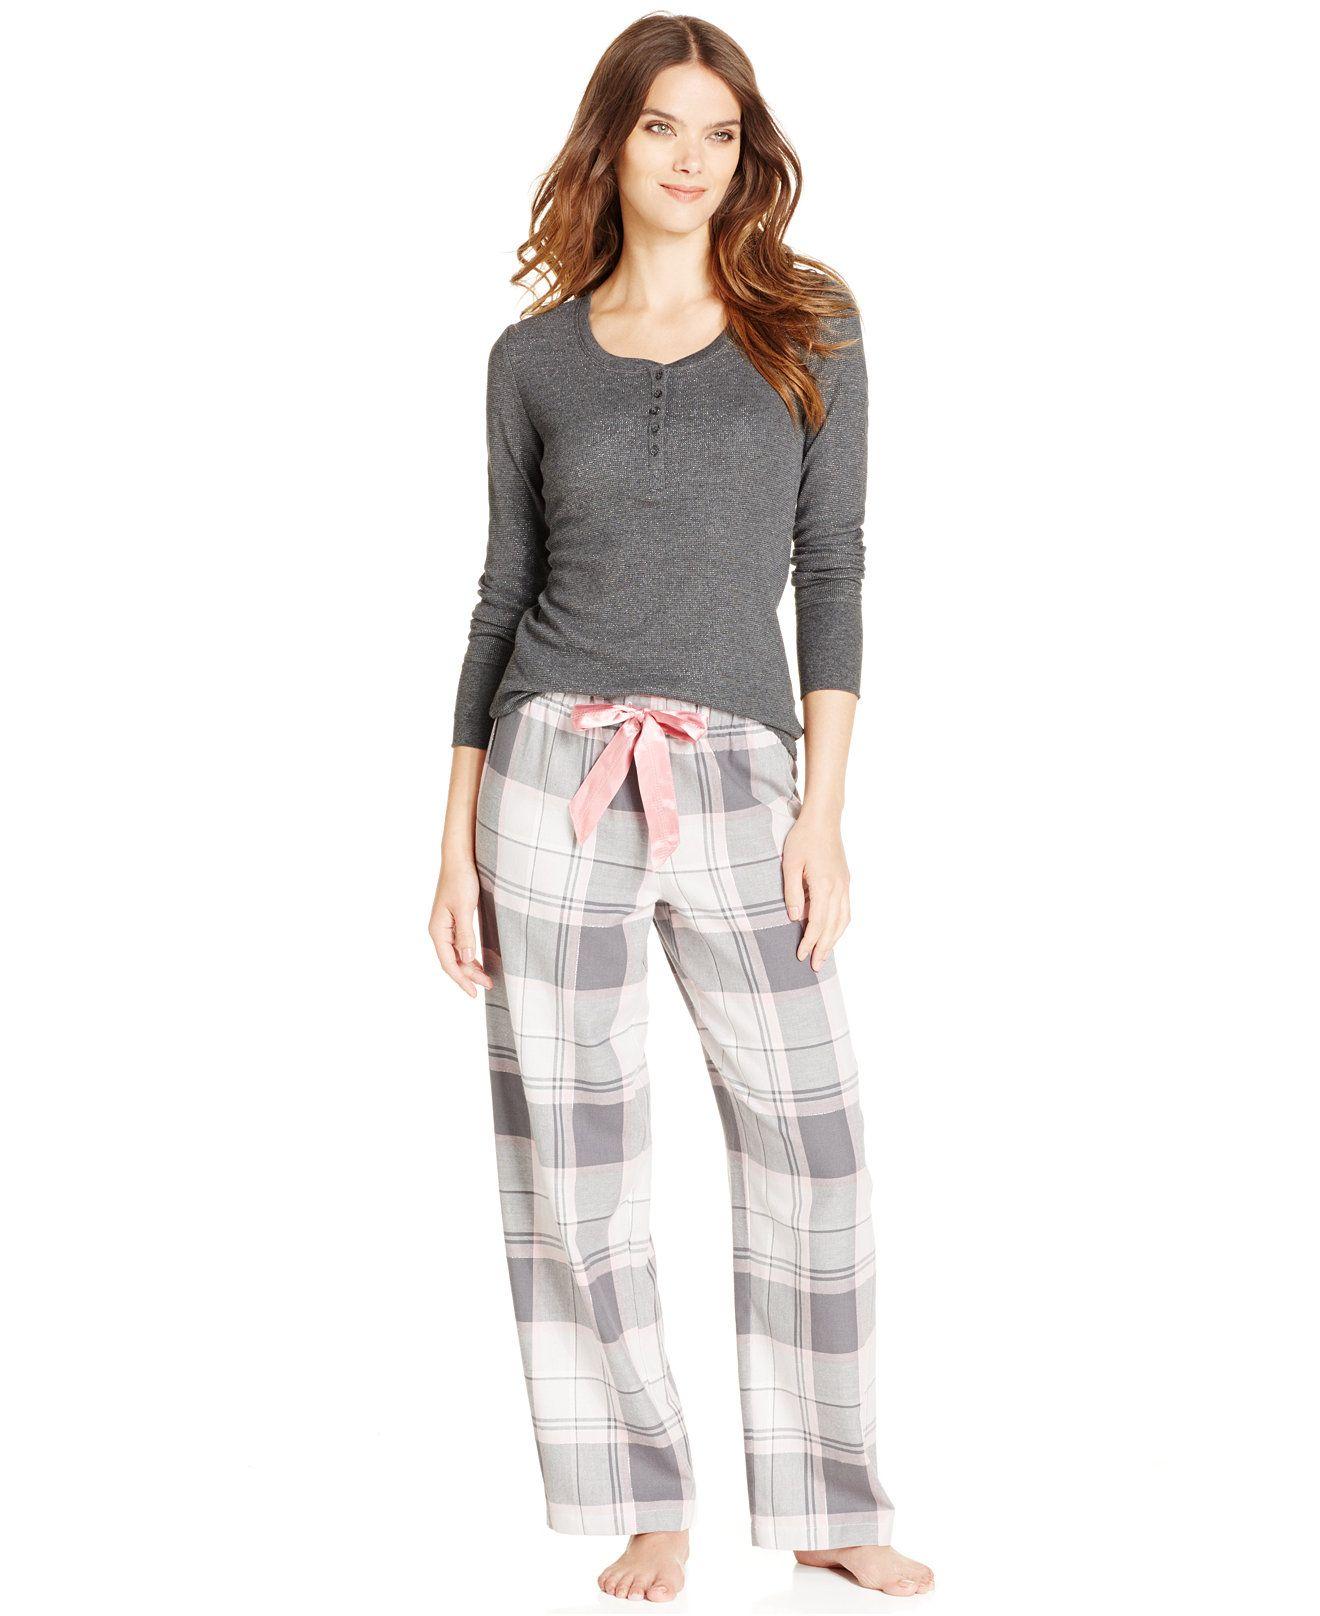 0b777b996 Alfani térmica Top y franela a cuadros pijama Pantalones - Todo Tienda  Pijamas y Batas - Mujer - Macy